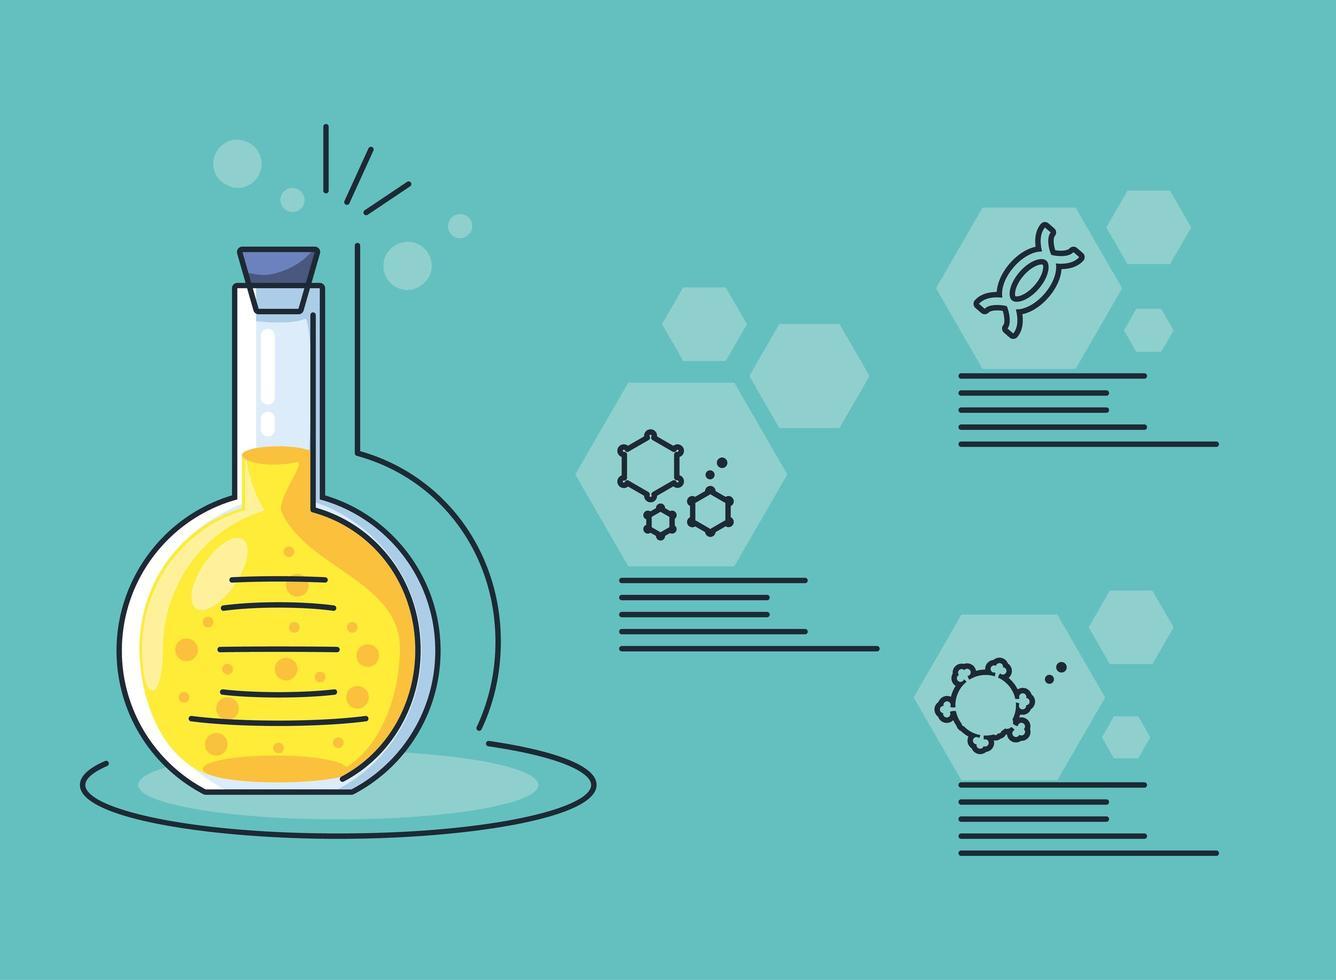 tubo de ensayo de laboratorio de infografía y química e investigación de coronavirus vector